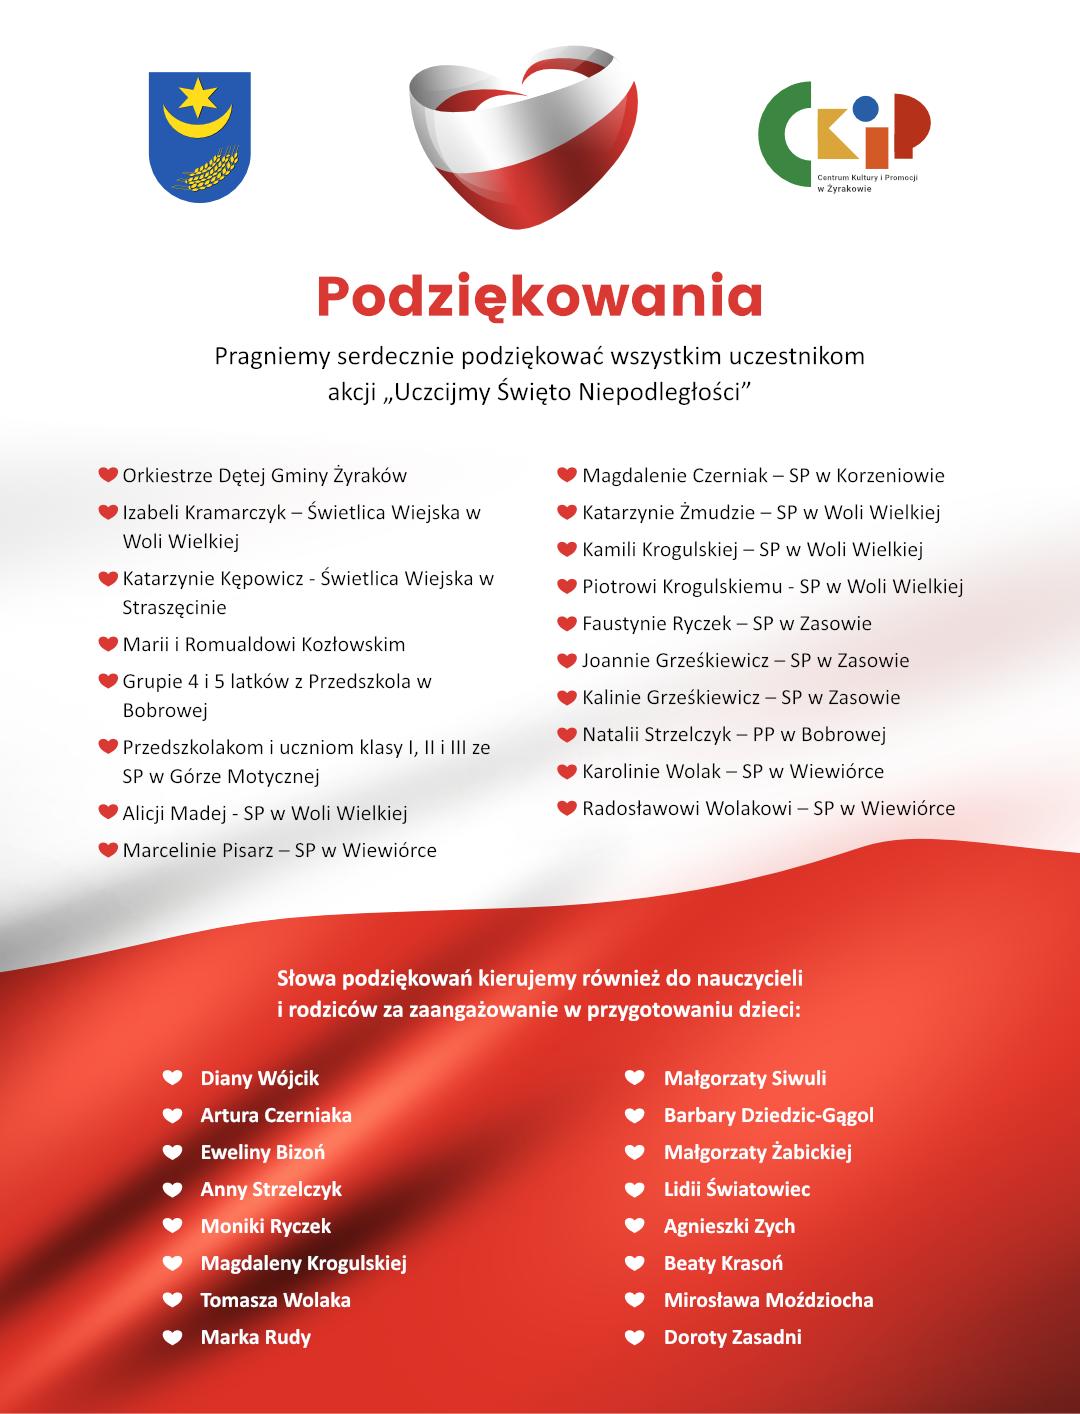 """Apla podziekowanie dla uczestników akcji """"Uczcijmy Święto Niepodległości"""" prowadzonej w Gminie Żyraków."""